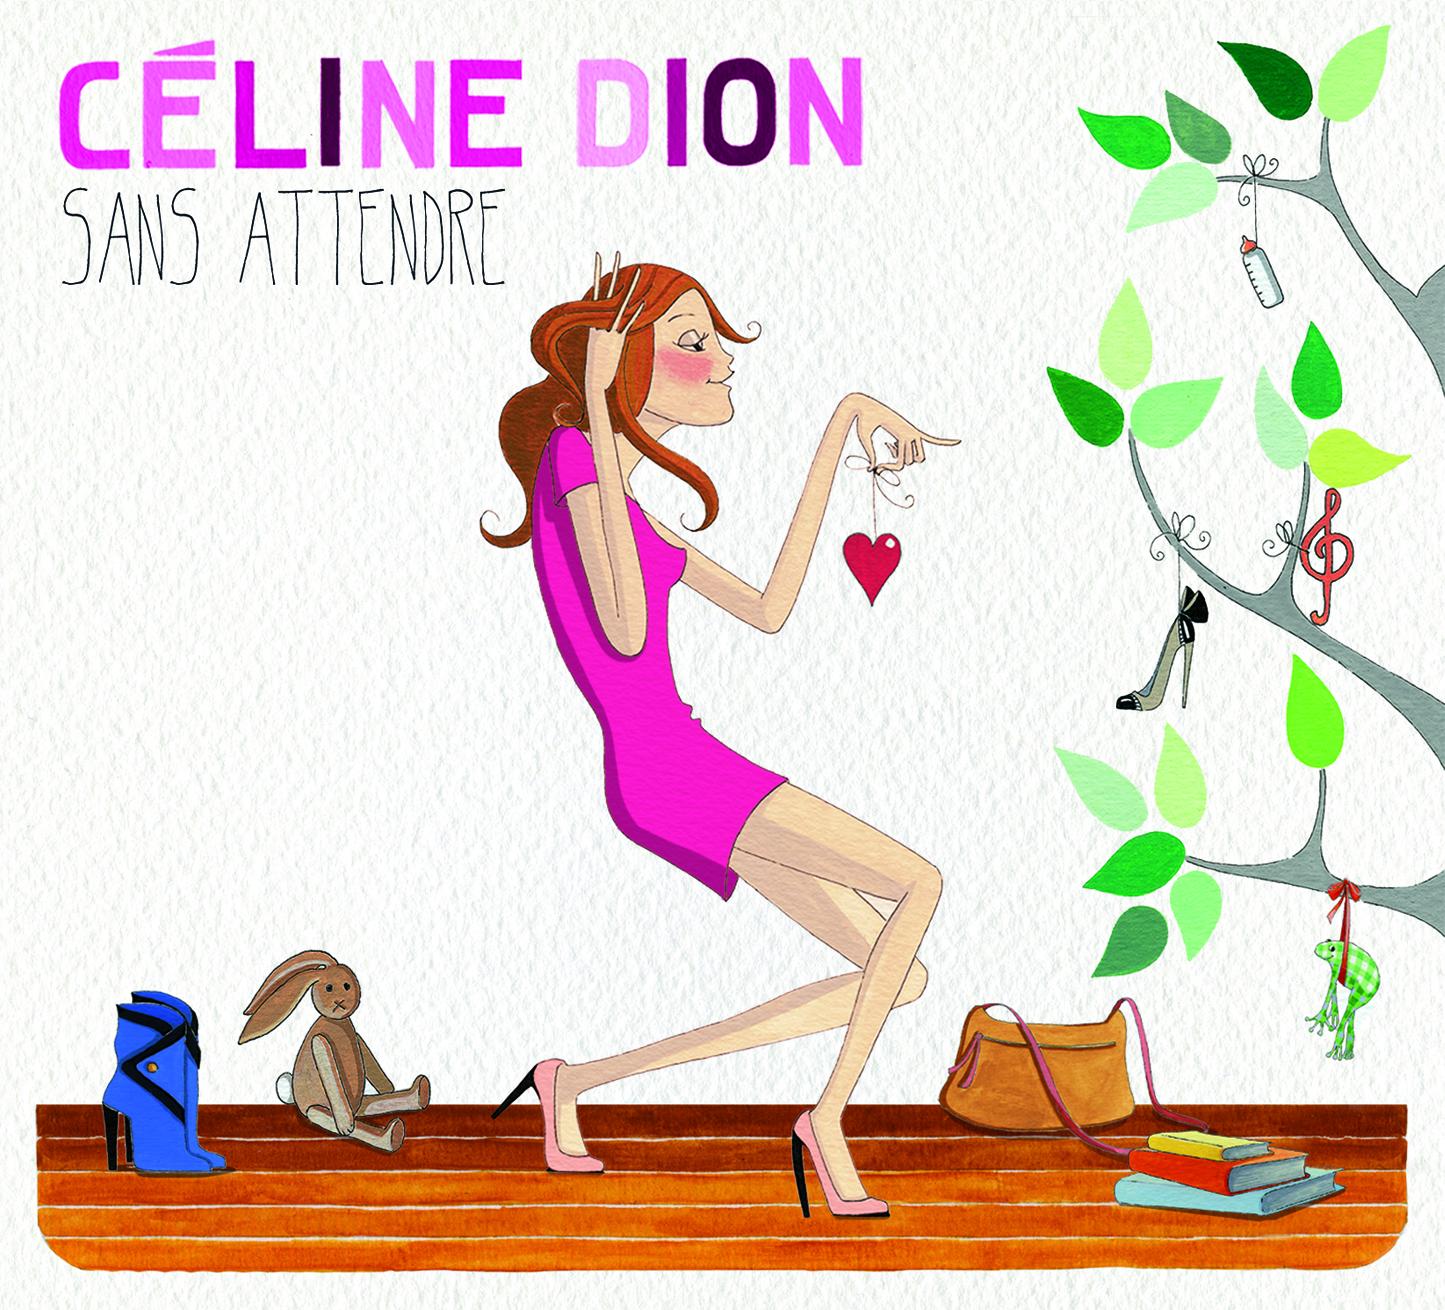 http://2.bp.blogspot.com/-h0sdAfjsM3c/UHszb_WCKyI/AAAAAAAAECA/0uY1mdqzL9Y/s1600/Celine+Dion+Sans+Attendre.jpg